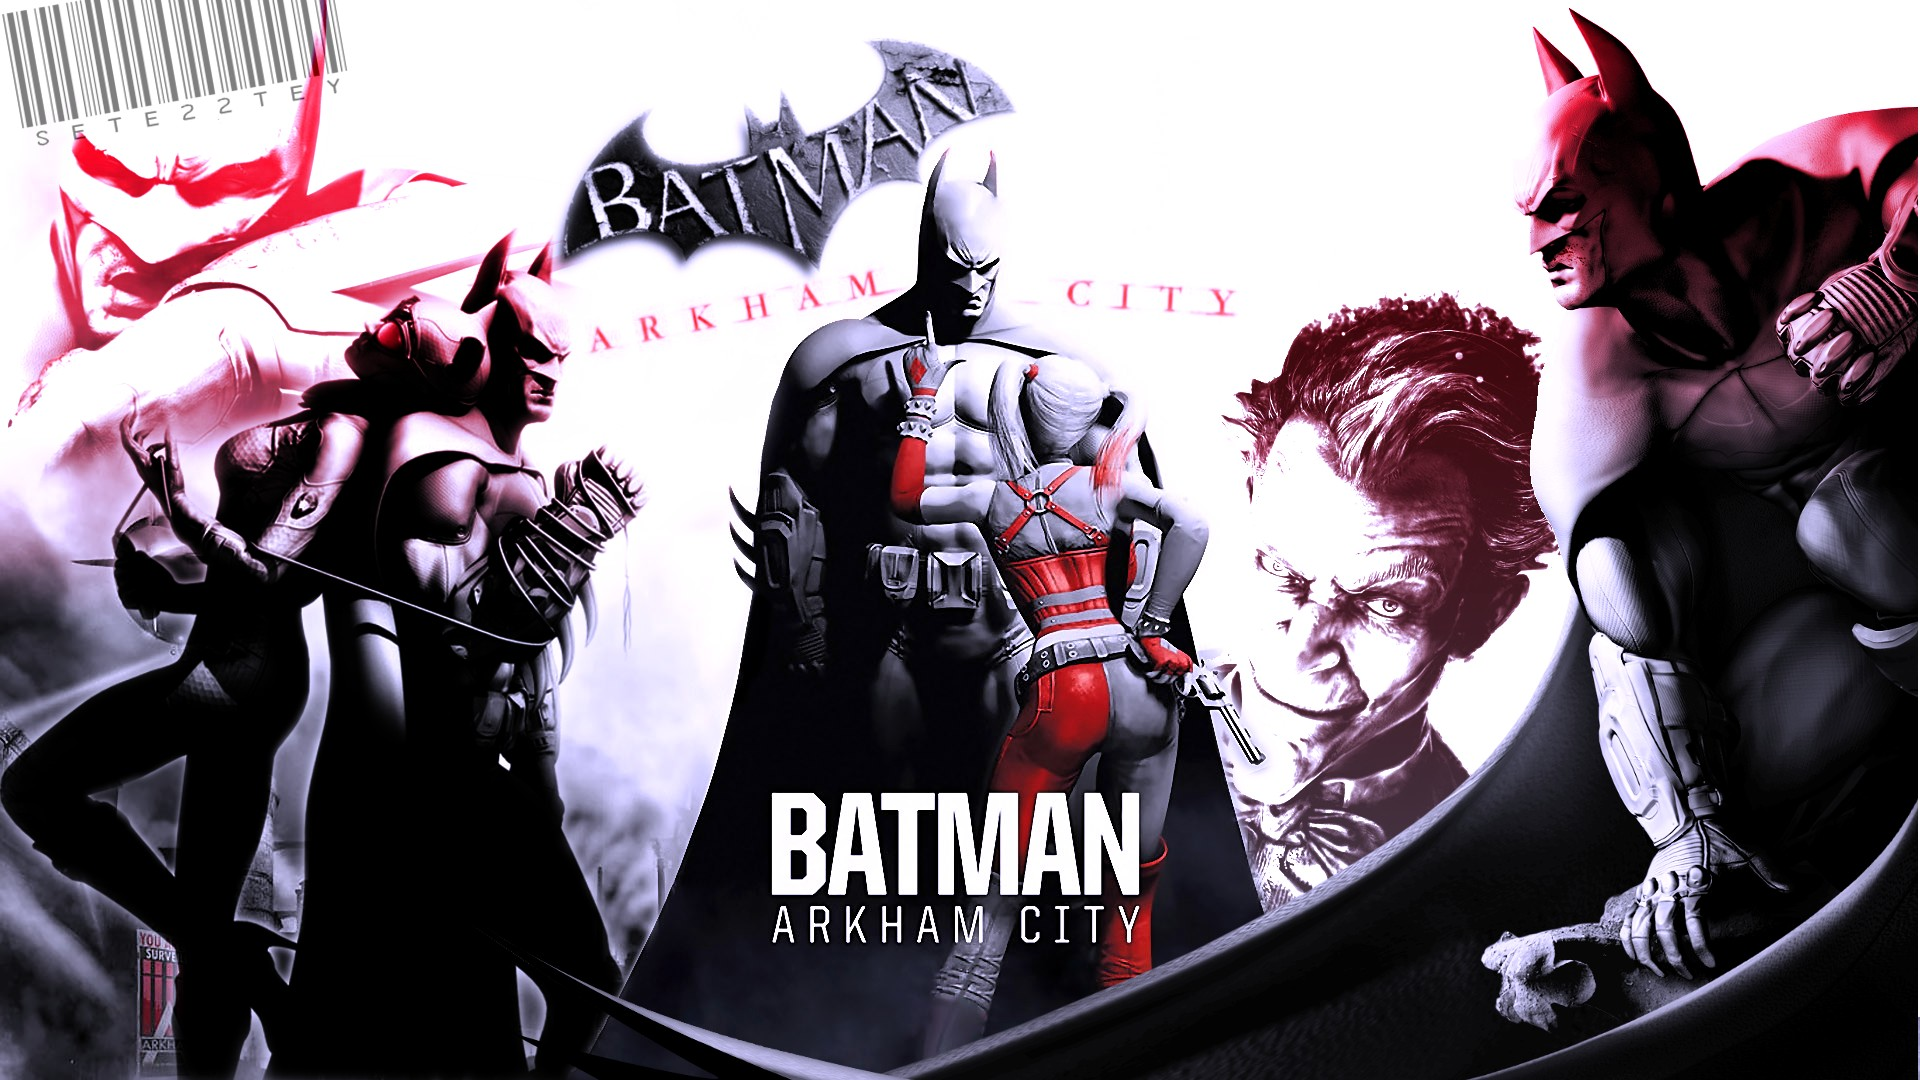 Harley Quinn And Joker Wallpaper Download Free Beautiful Full